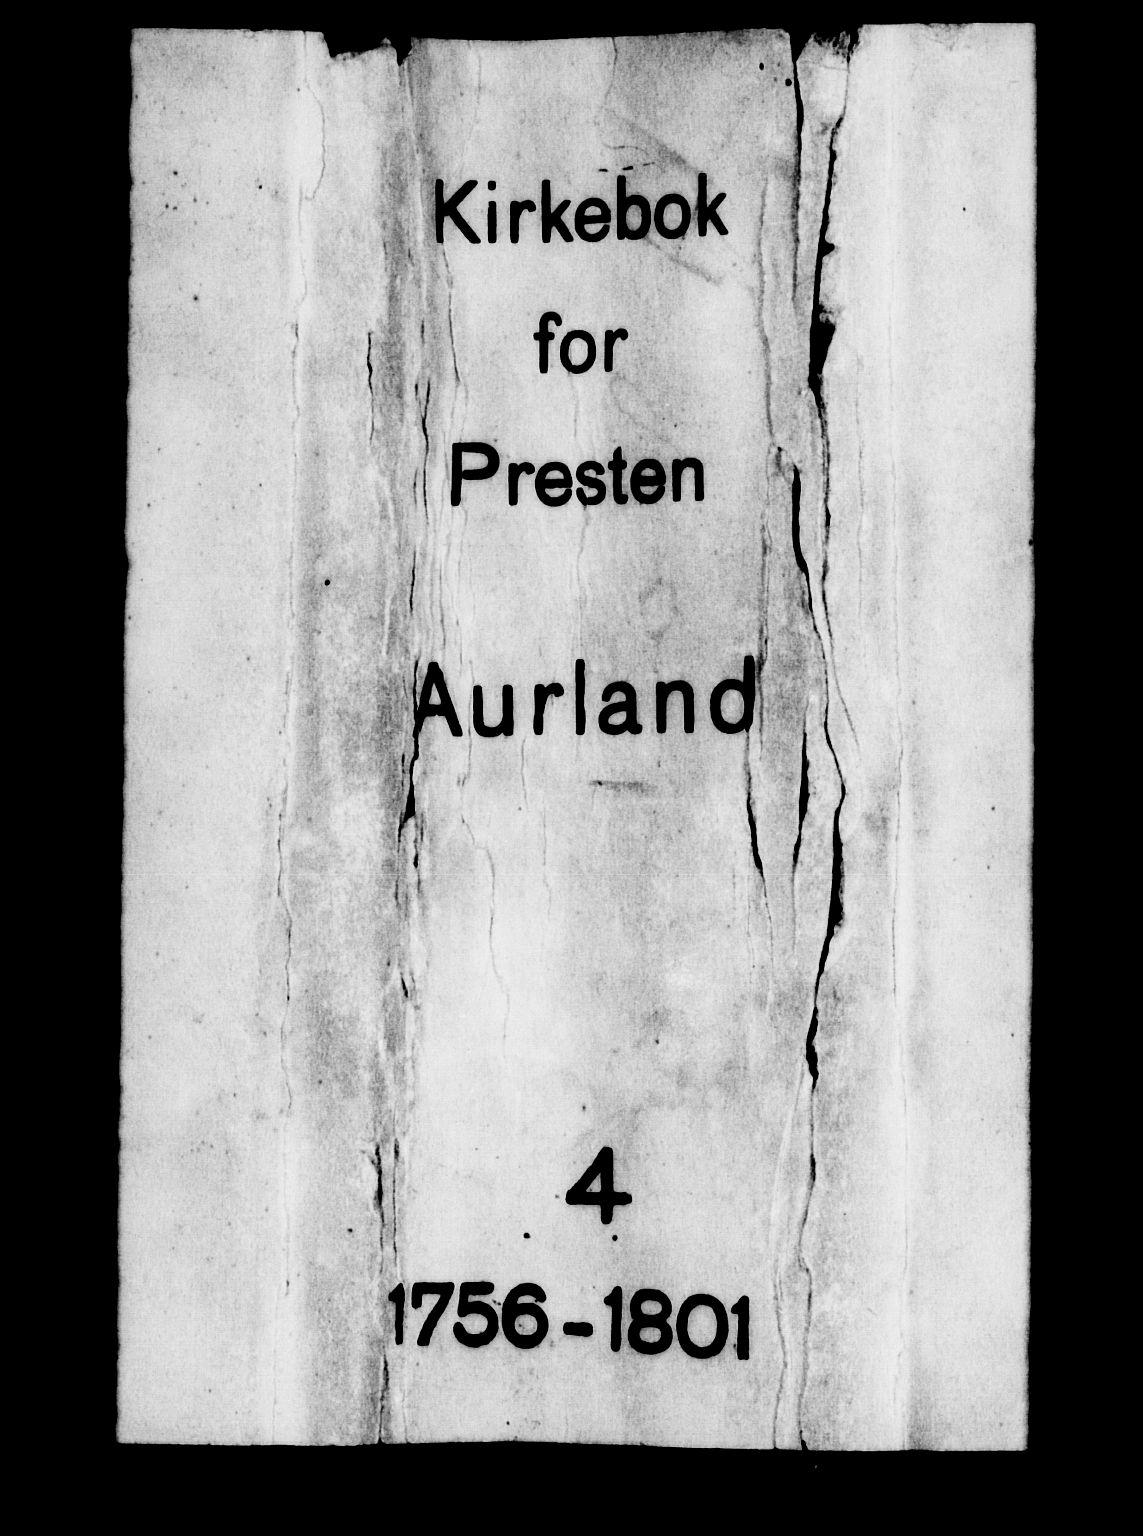 SAB, Aurland Sokneprestembete*, Ministerialbok nr. A 4, 1756-1801